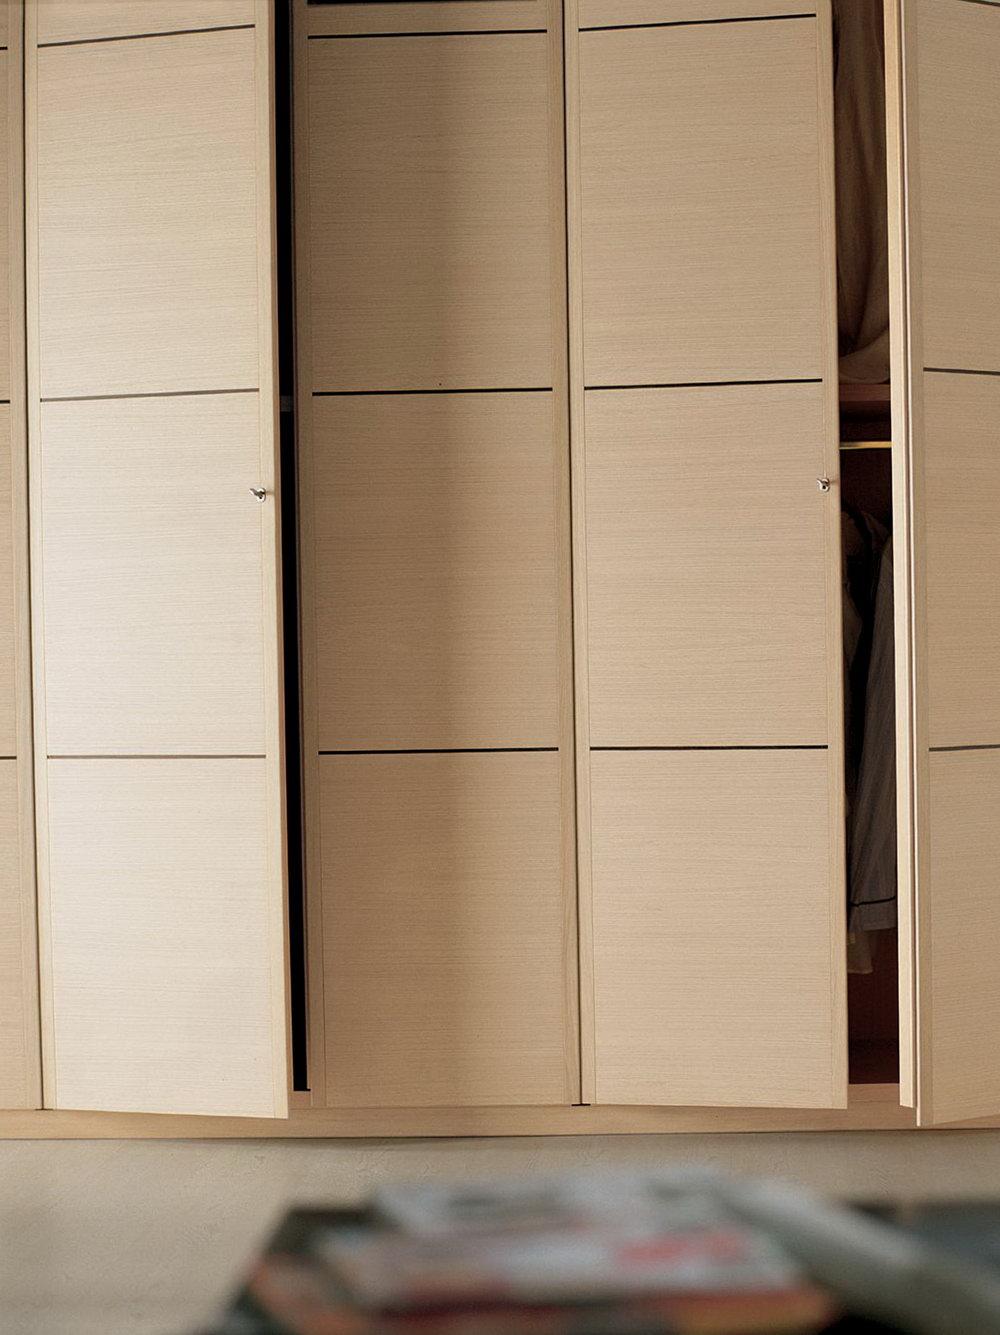 4 Panel Closet Doors